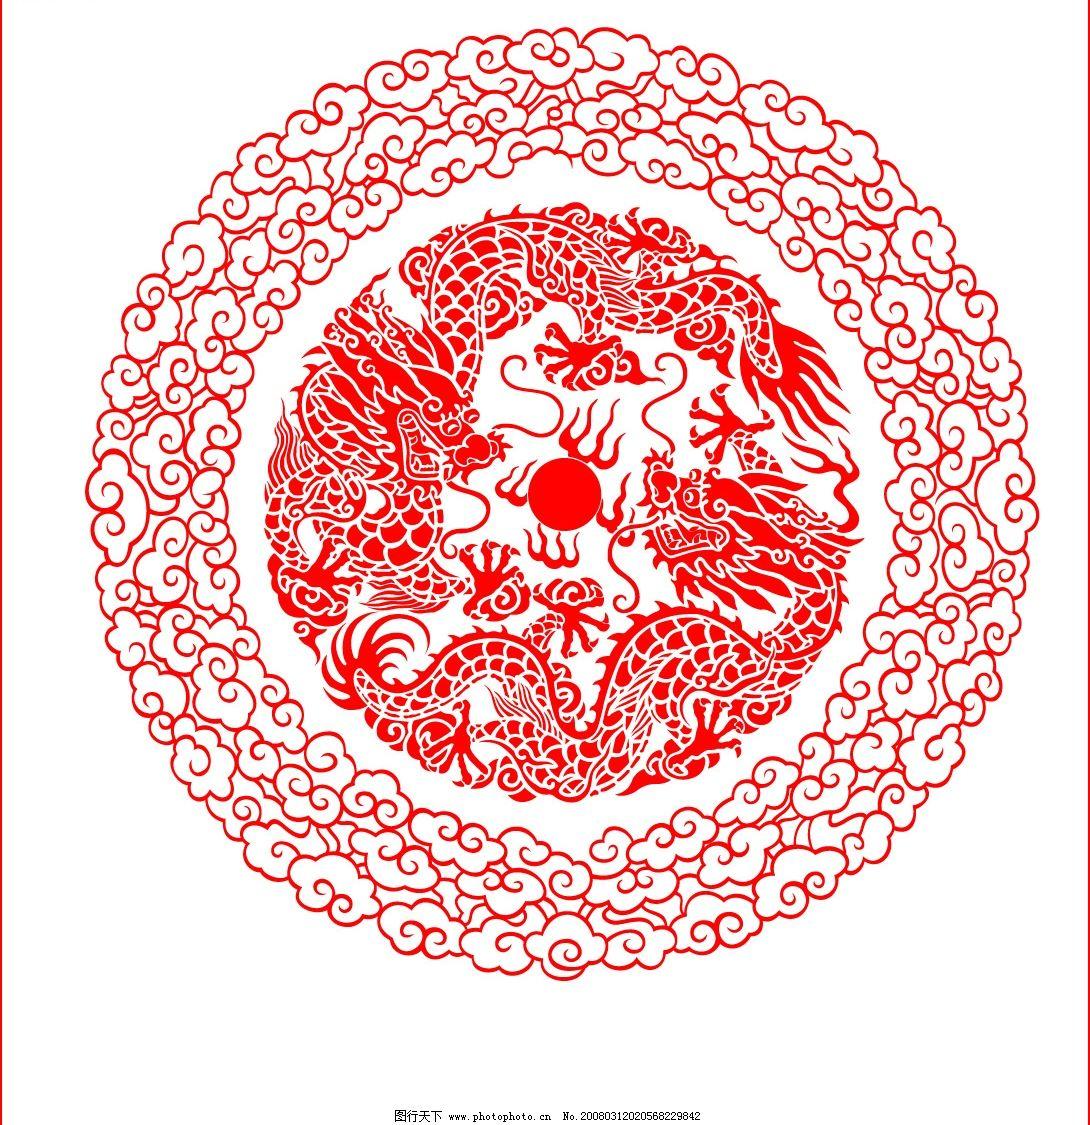 中国古典图案矢量素材:环形如意龙纹图片